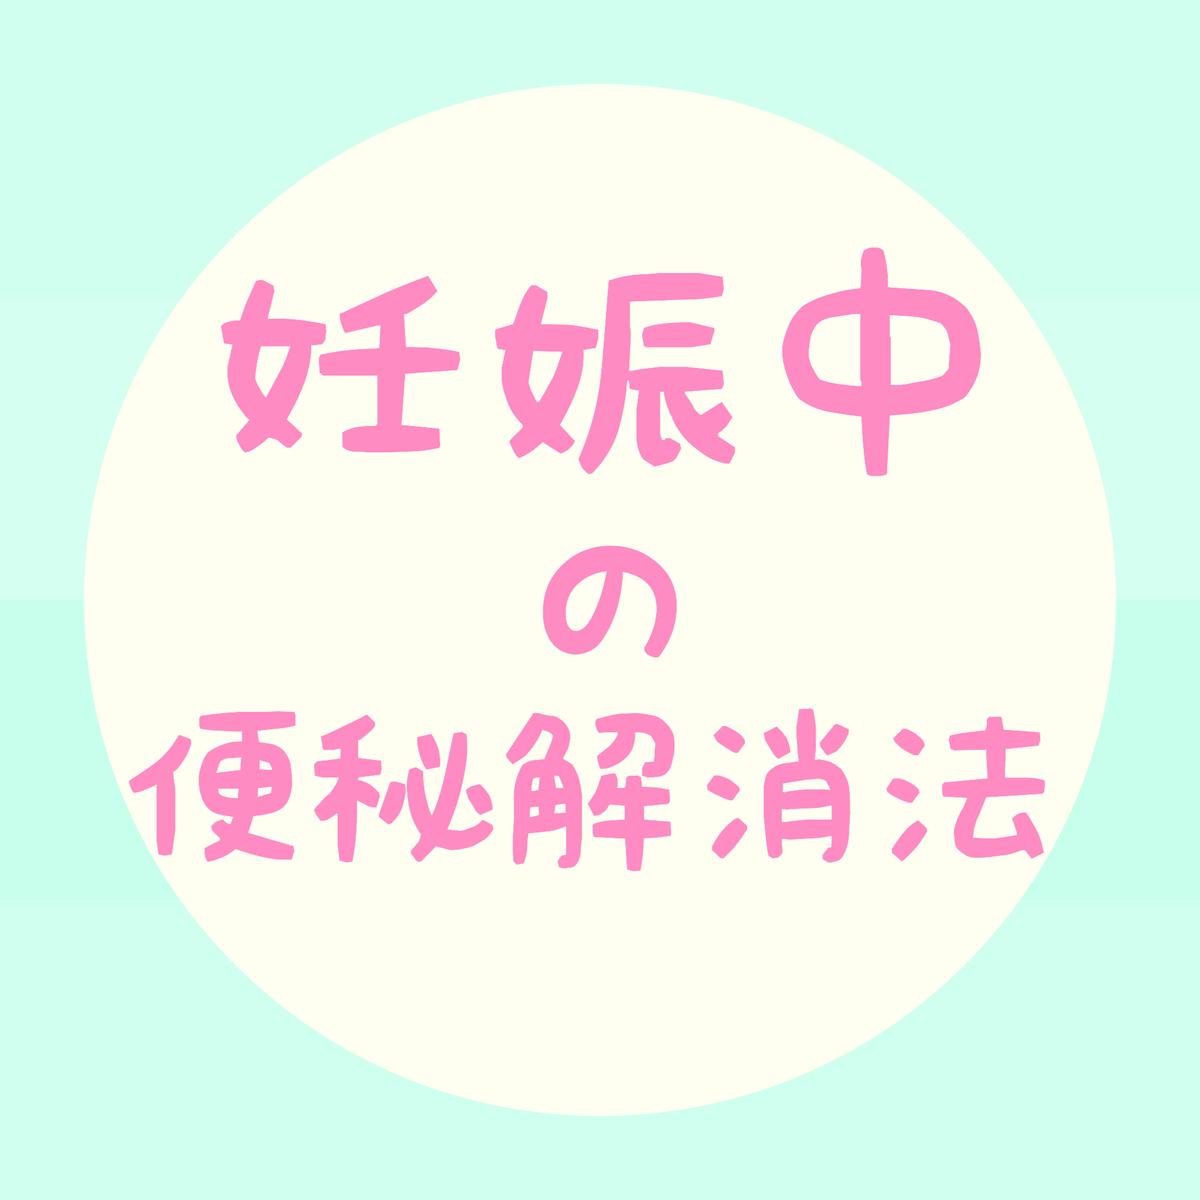 f:id:takemama:20190522134458j:plain